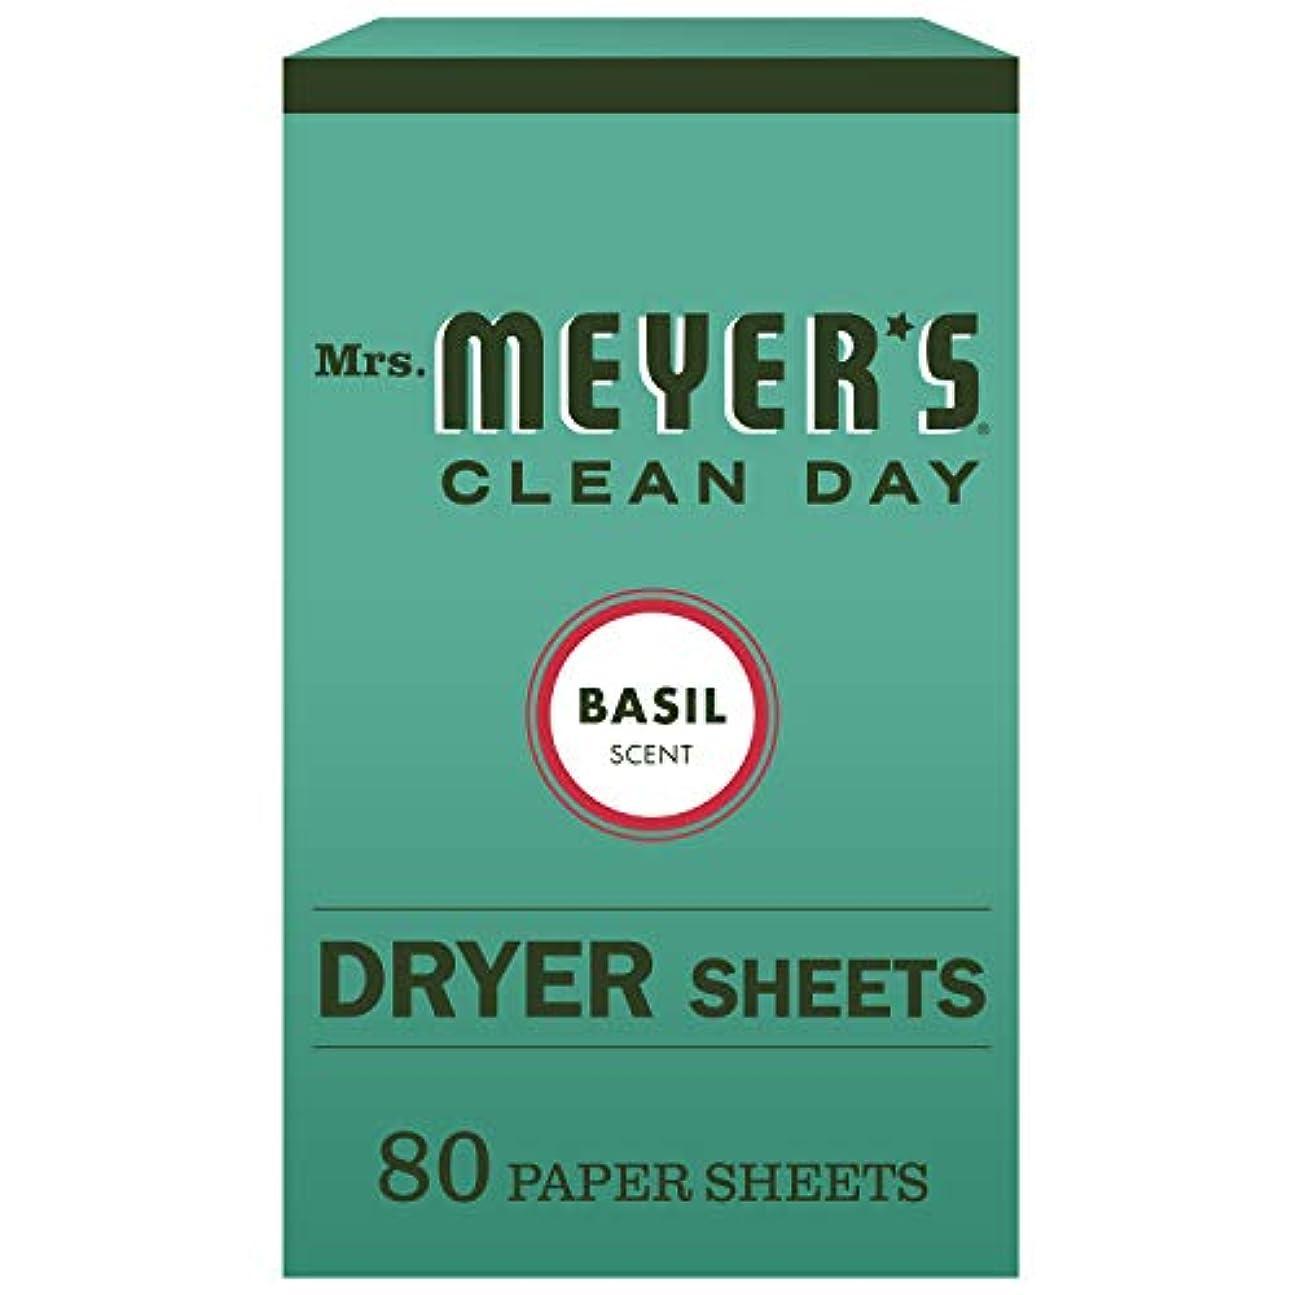 シニス恥ずかしいひもMrs. Meyer's Clean Day Dryer Sheets, Basil, 80 Count by Mrs. Meyer's Clean Day